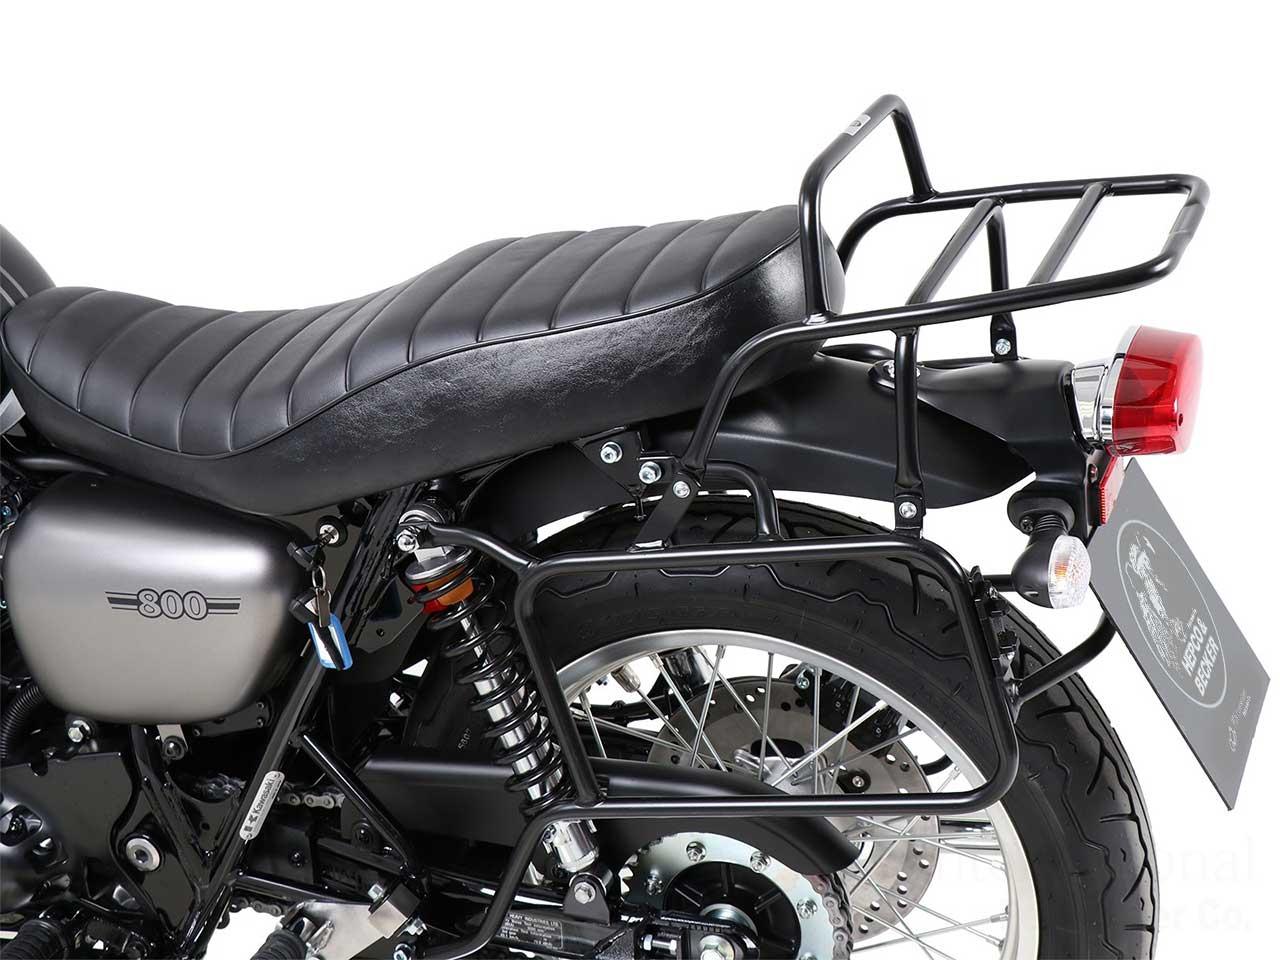 ヘプコ&ベッカー トップ+サイドケース コンプリートホルダー パイプタイプ Kawasaki W800 / cafe